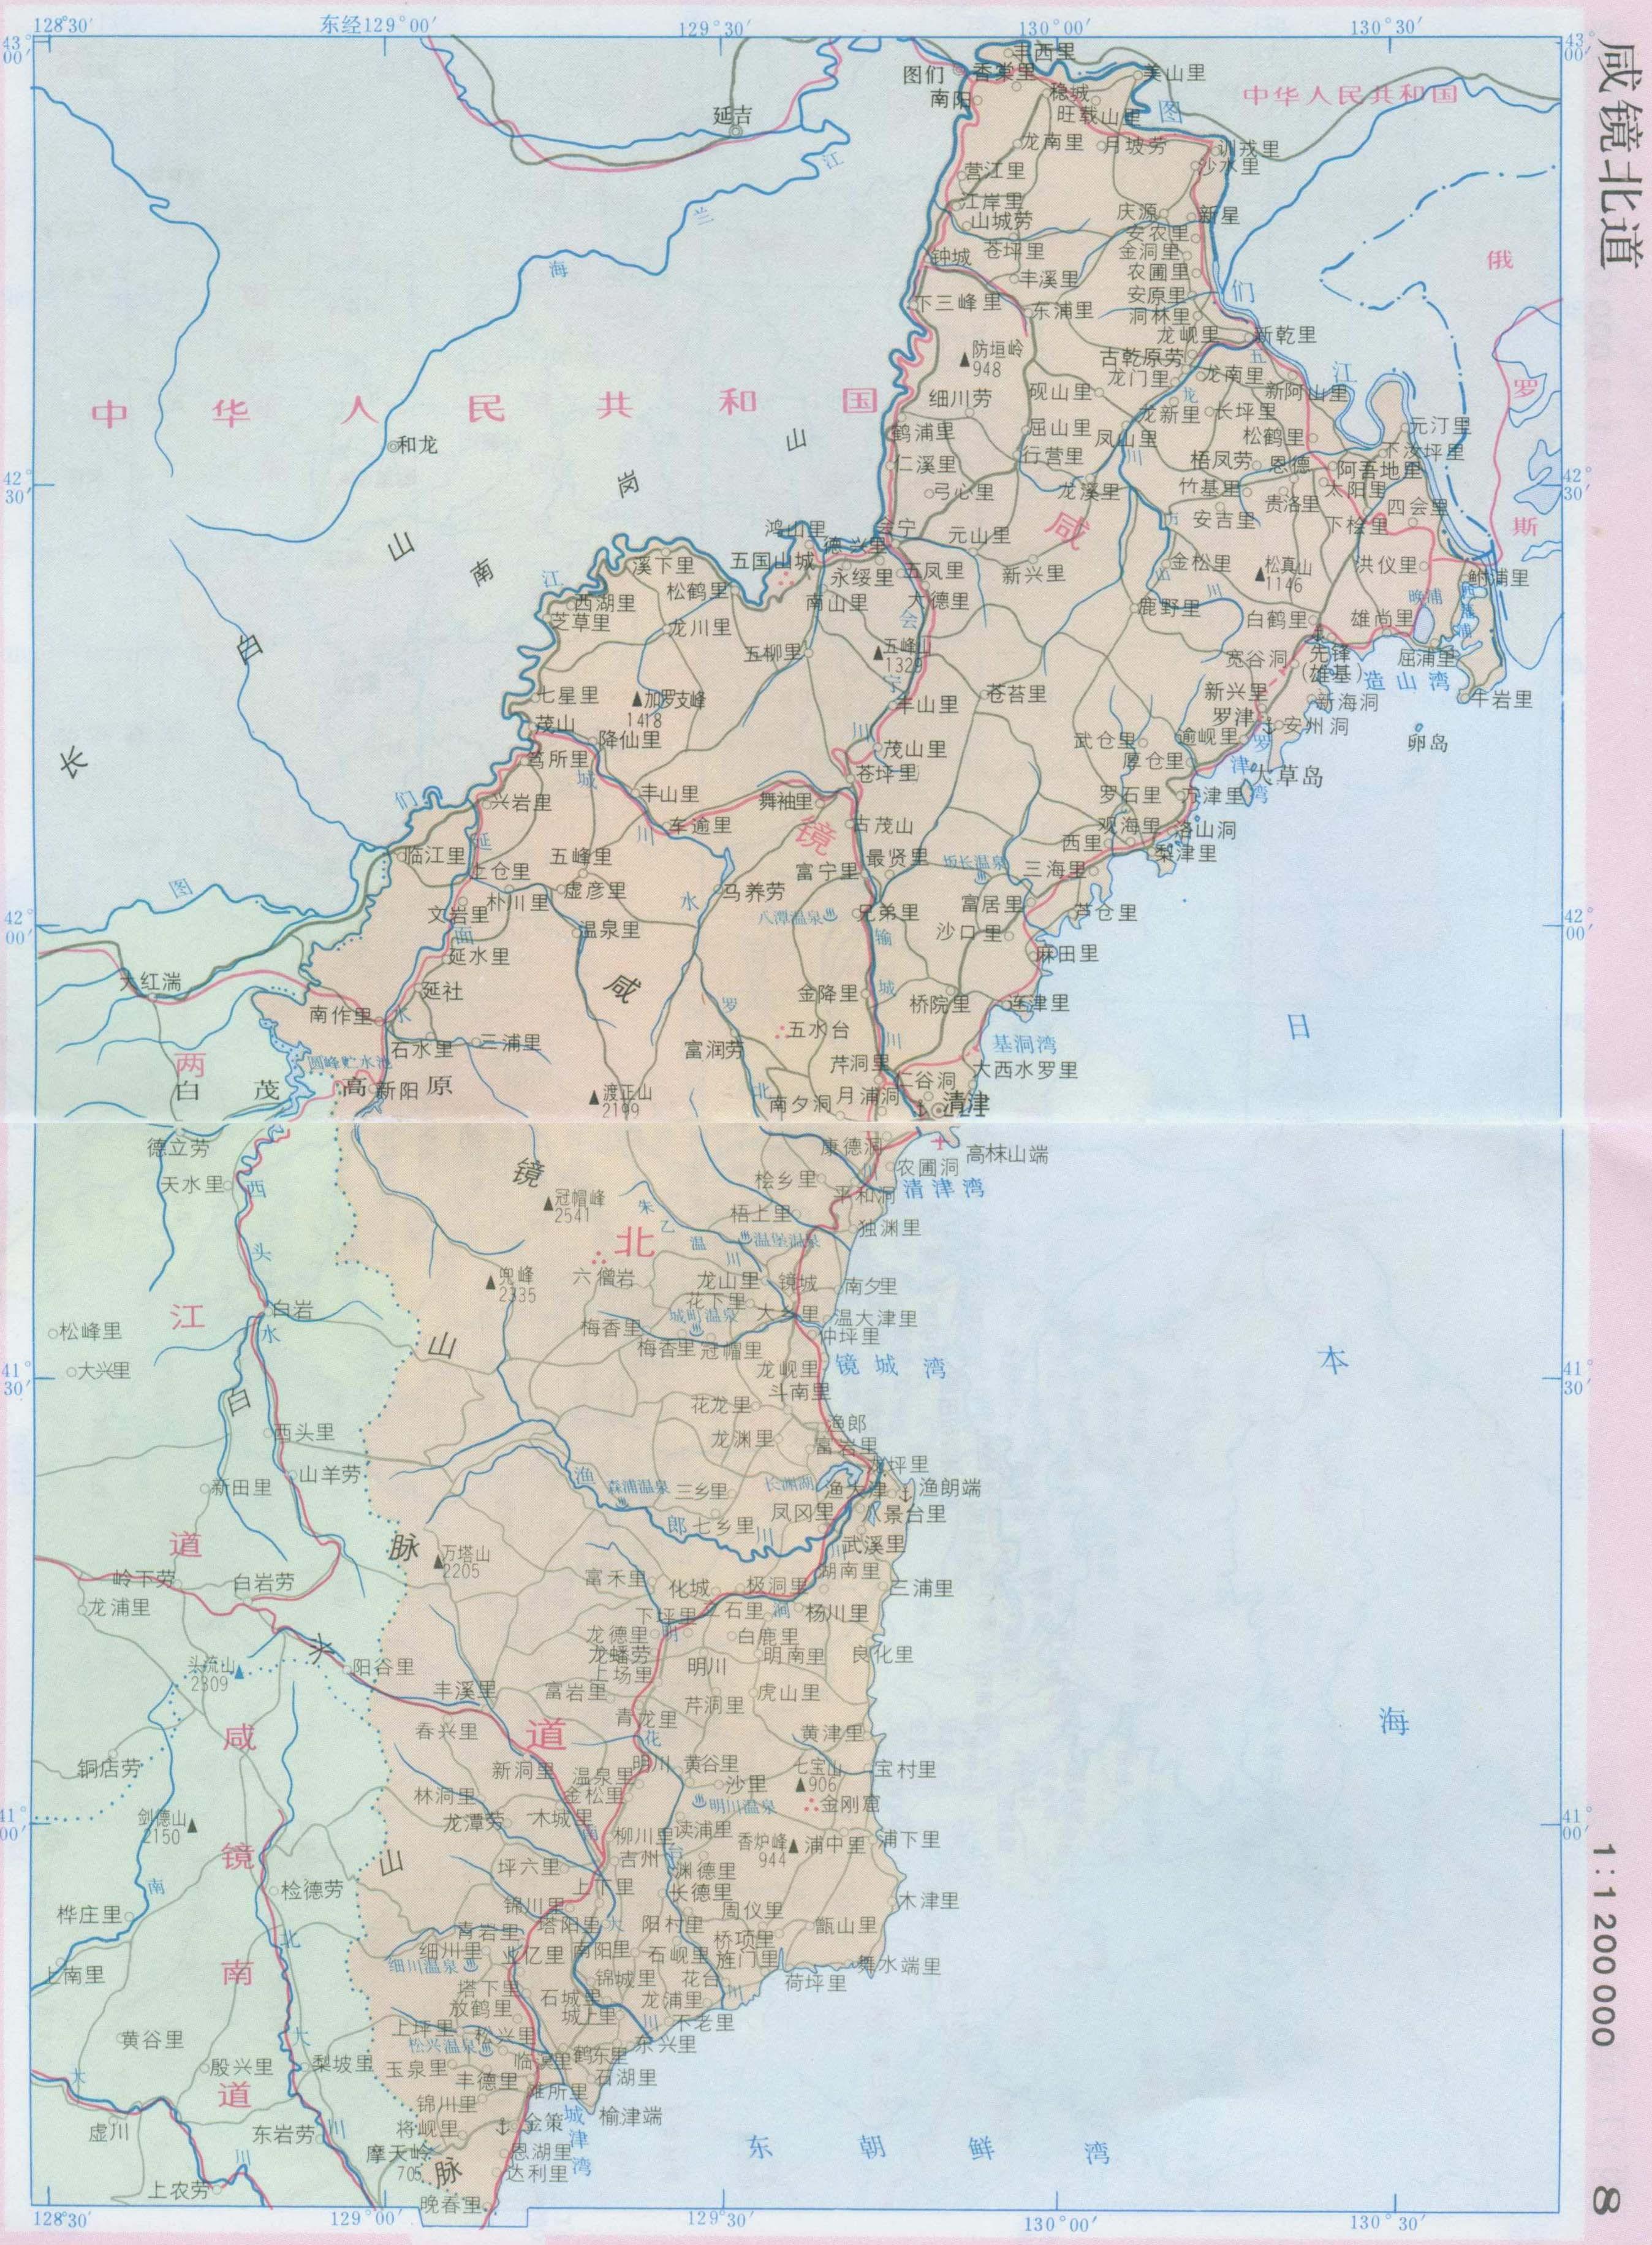 地图 2696_3663 竖版 竖屏